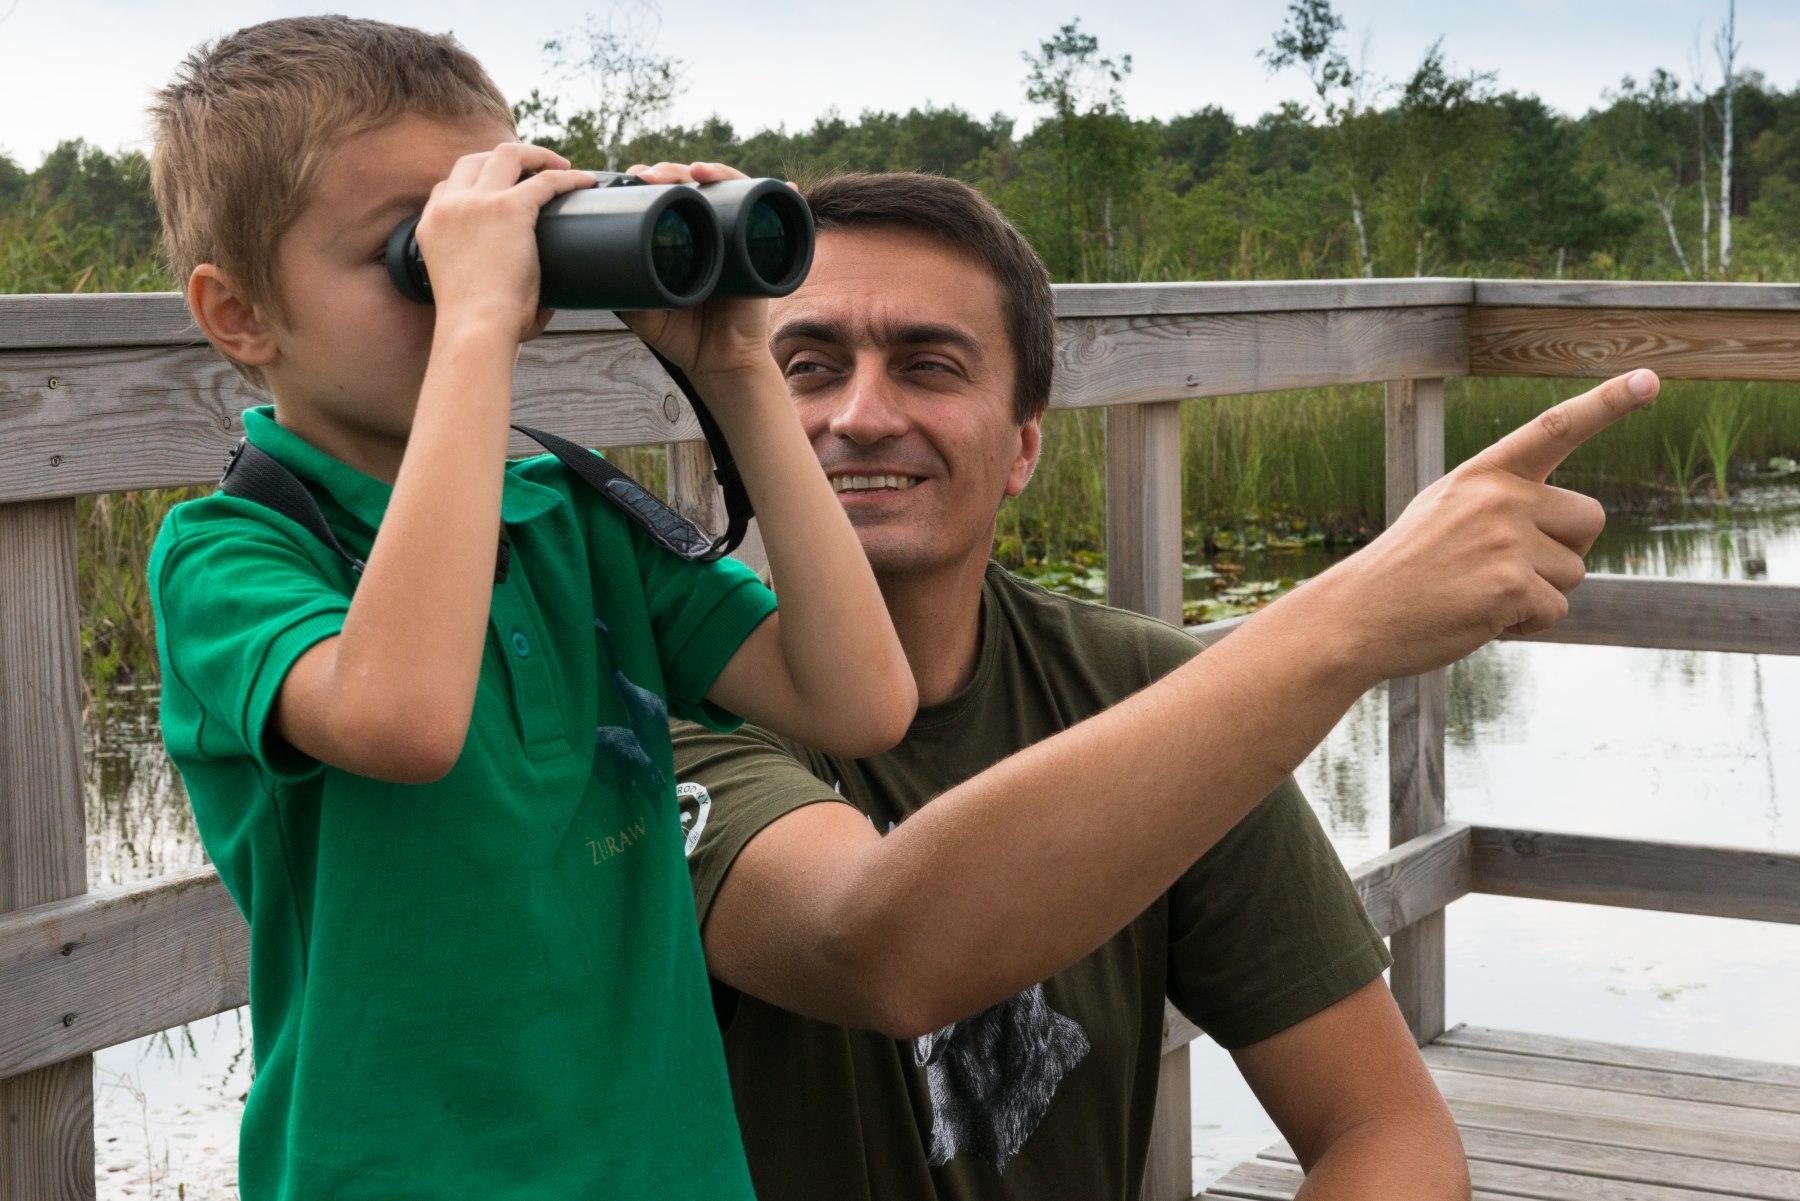 Mężczyzna patrzy się na chłopca, który obserwuje coś przez lornetkę